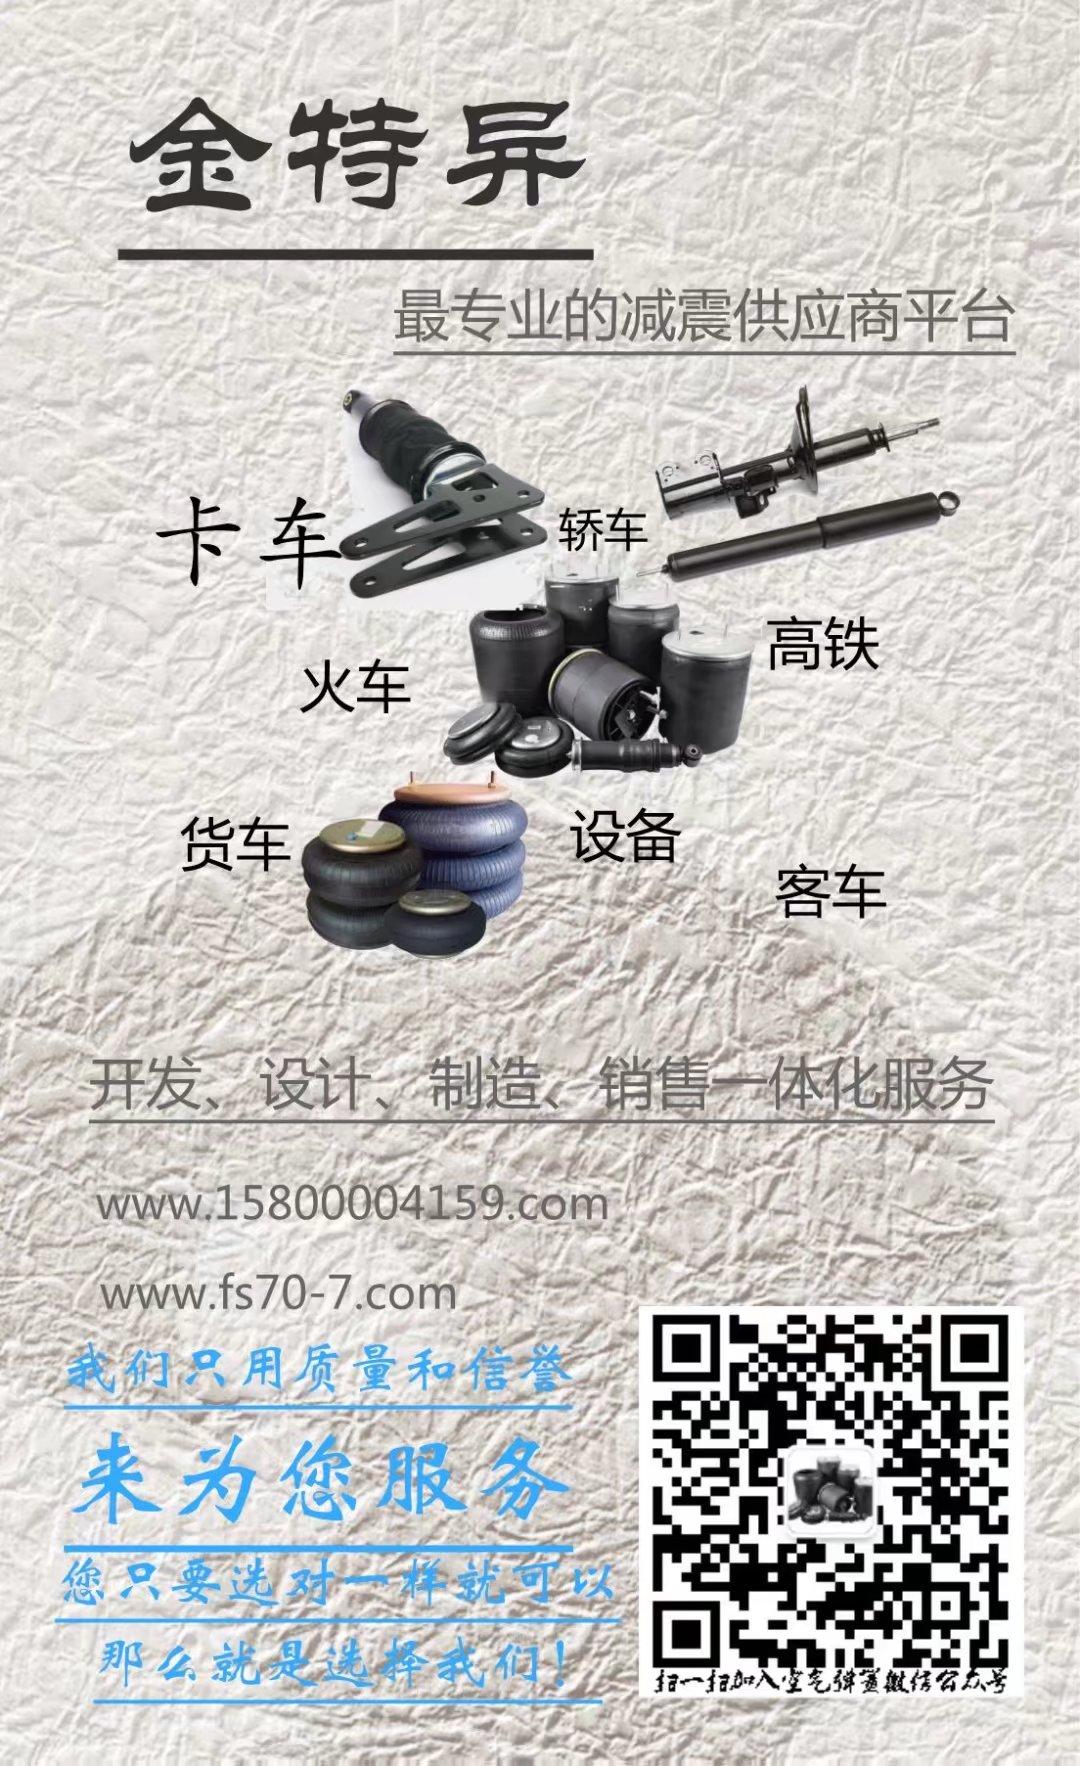 自动化设备空气弹簧,自动化设备气囊式减震器,分单层橡胶和双层橡胶适合设备空气悬架